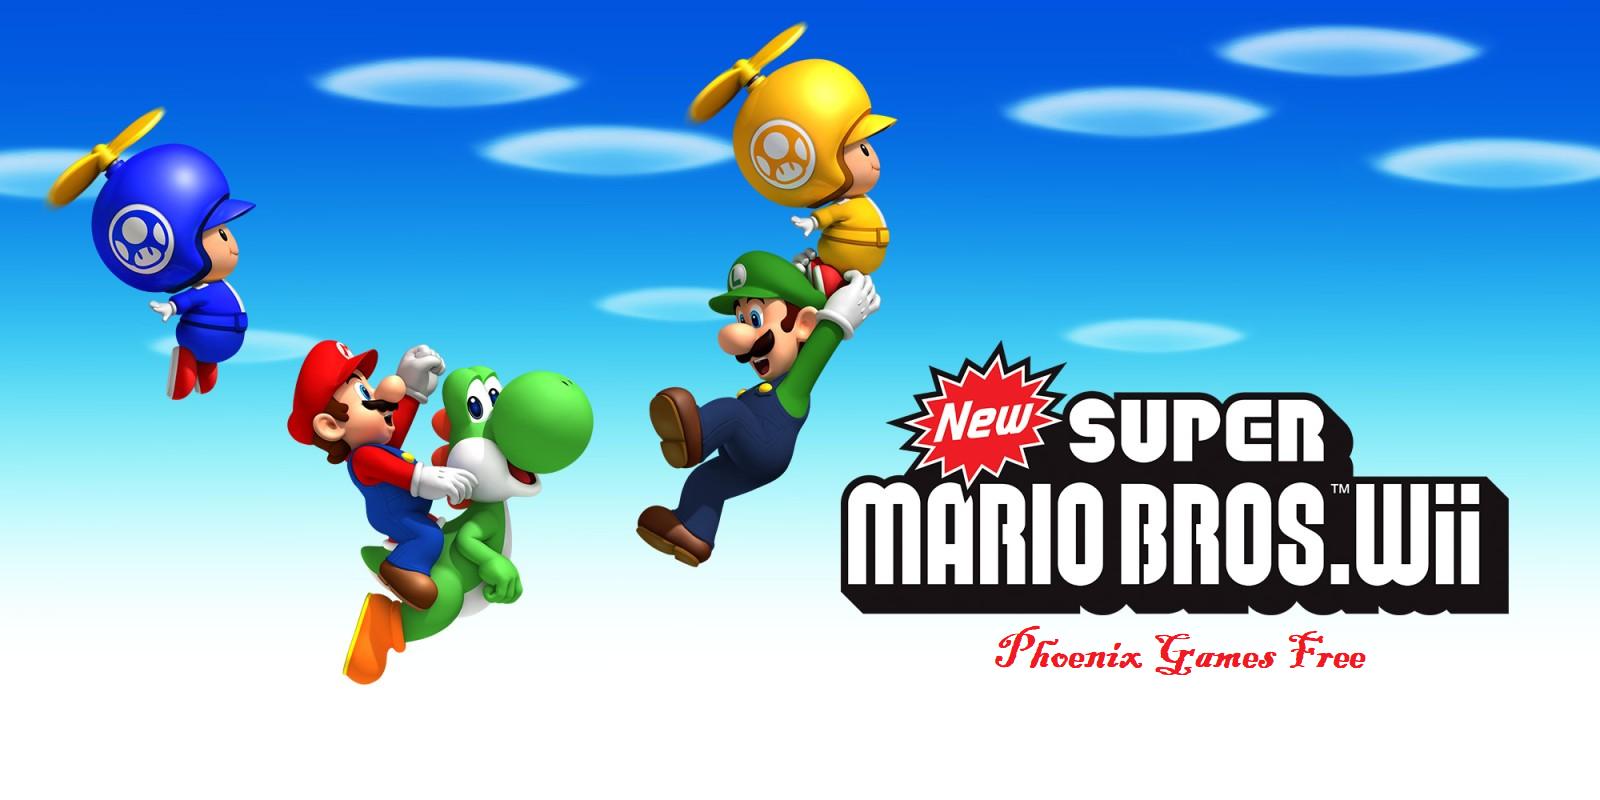 new super mario bros wii download mega